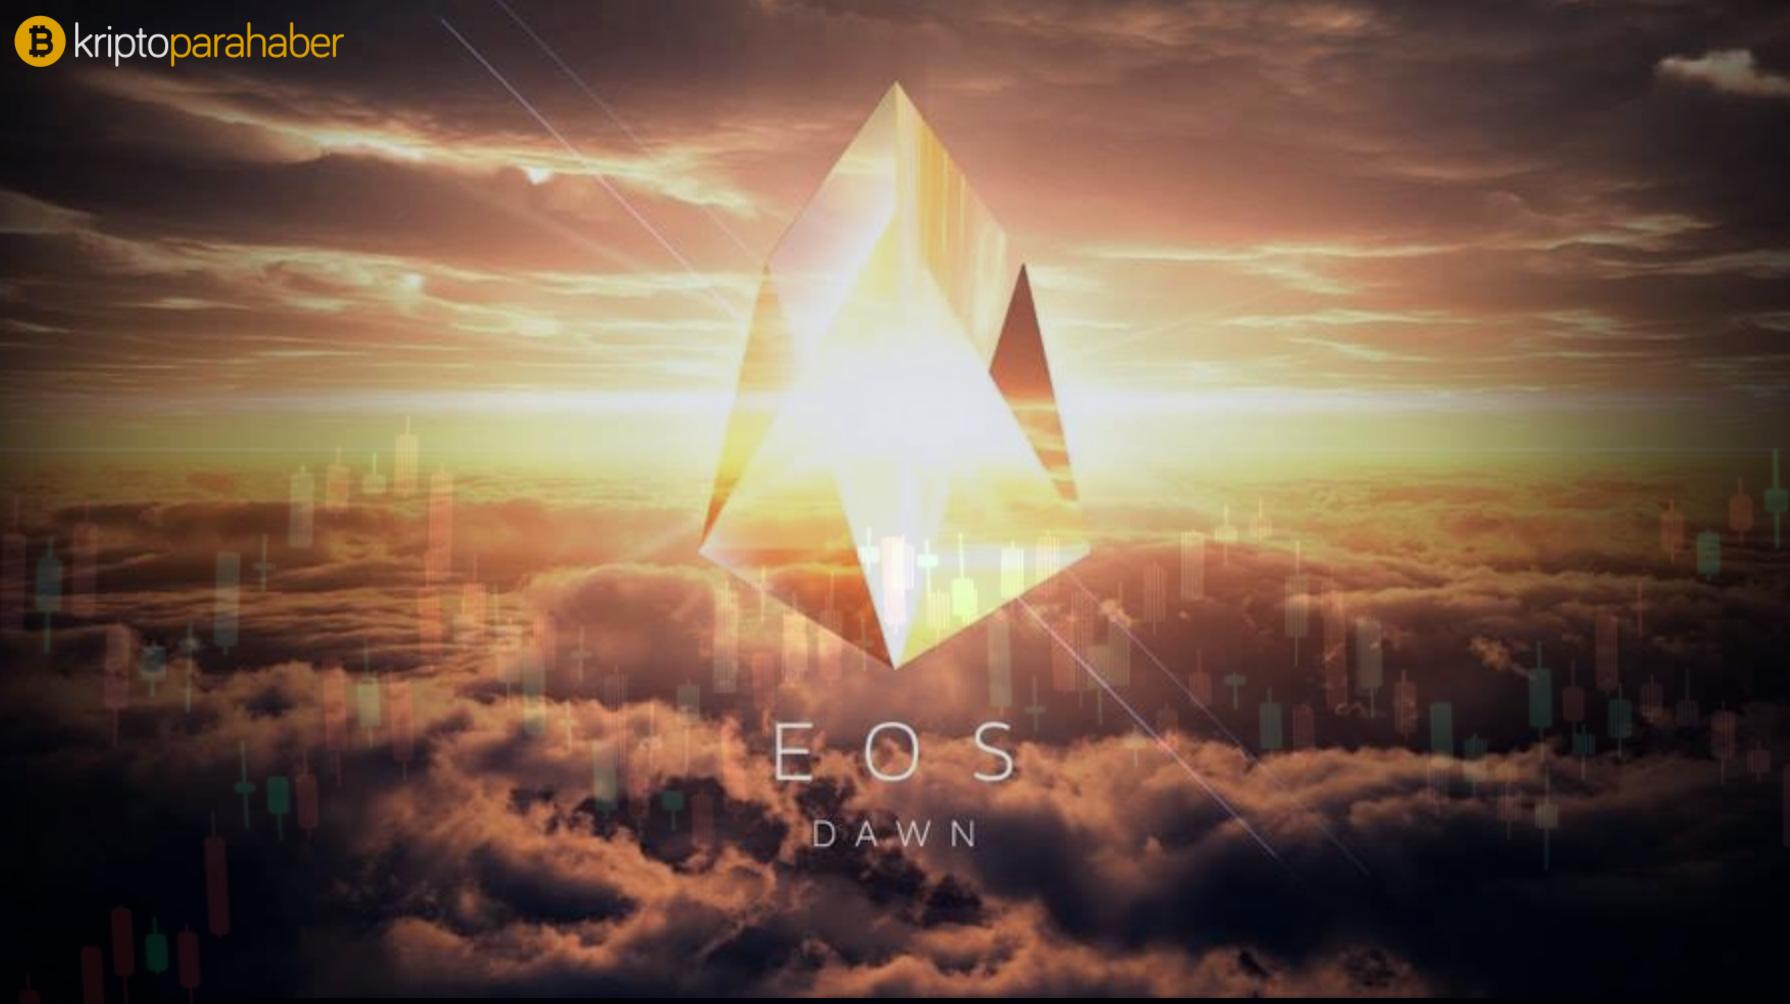 EOS fiyatı düşerken 700 milyon dolarlık piyasa değerini de kaybediyor